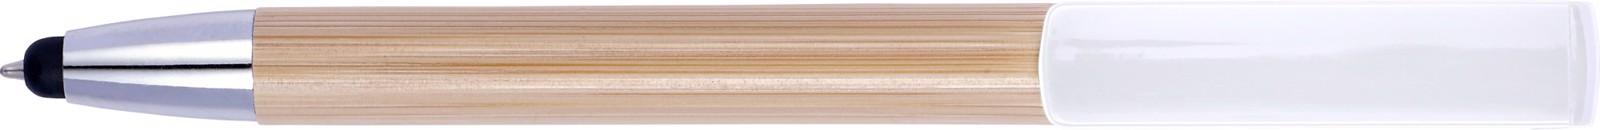 Bamboo 2-in-1 ballpen - White